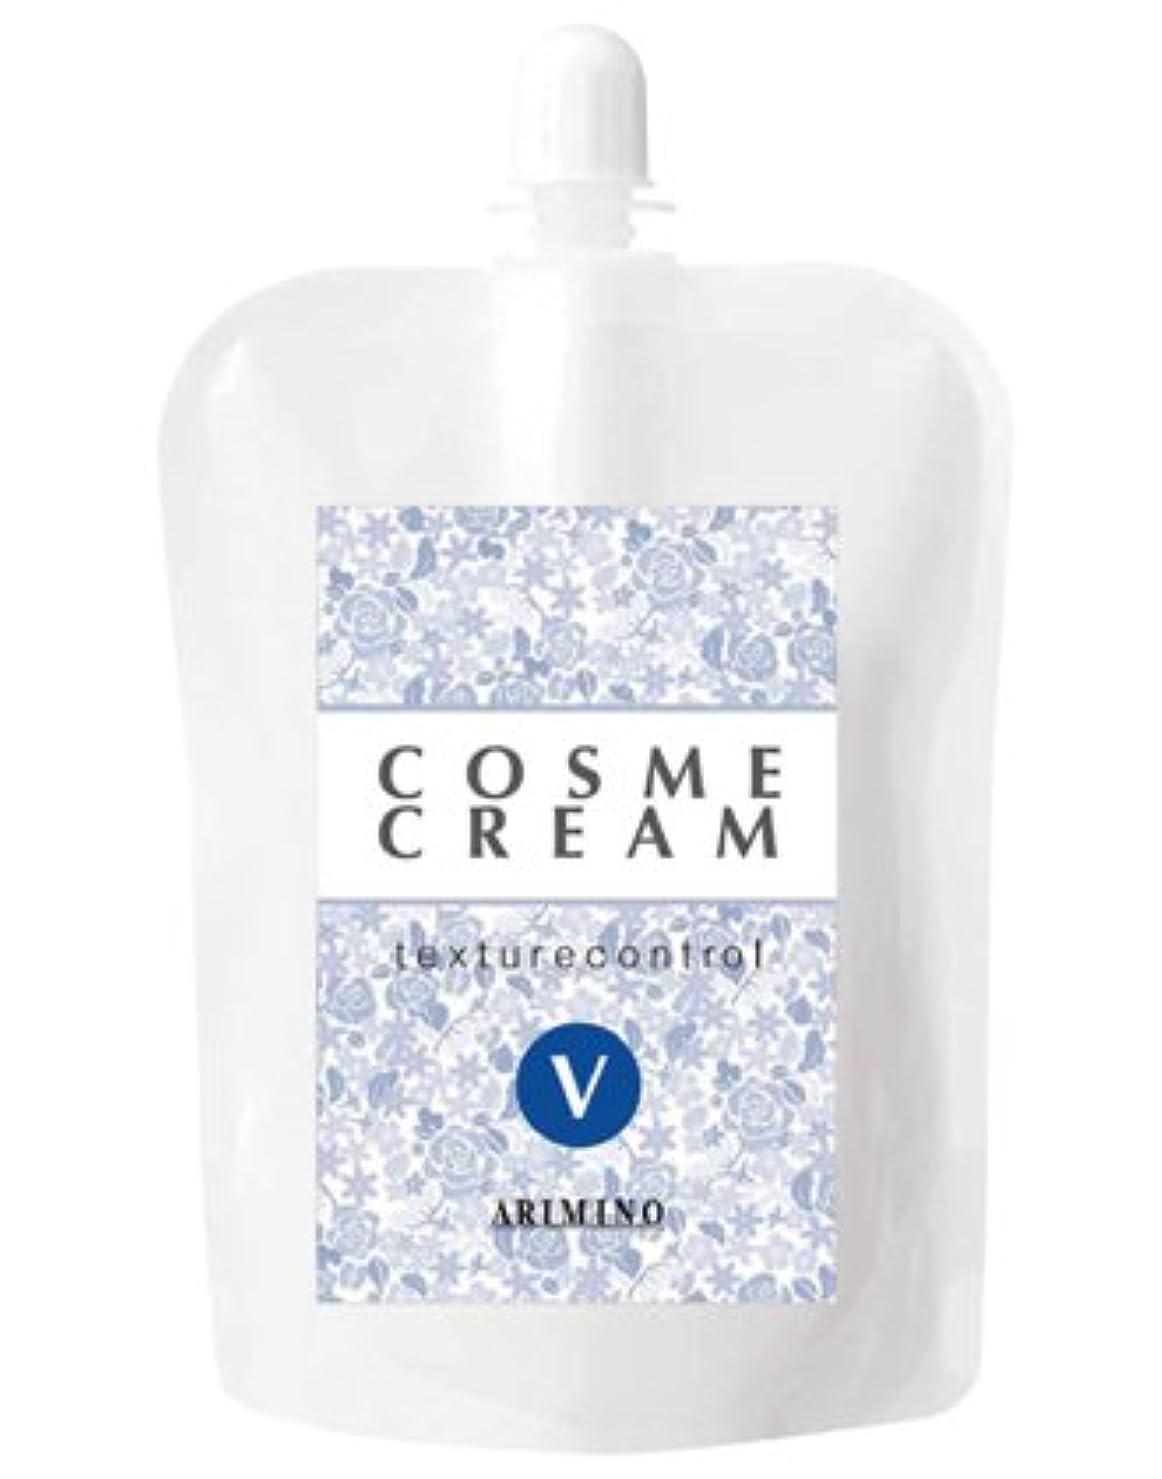 階層ヶ月目匿名アリミノ コスメクリーム V 400g